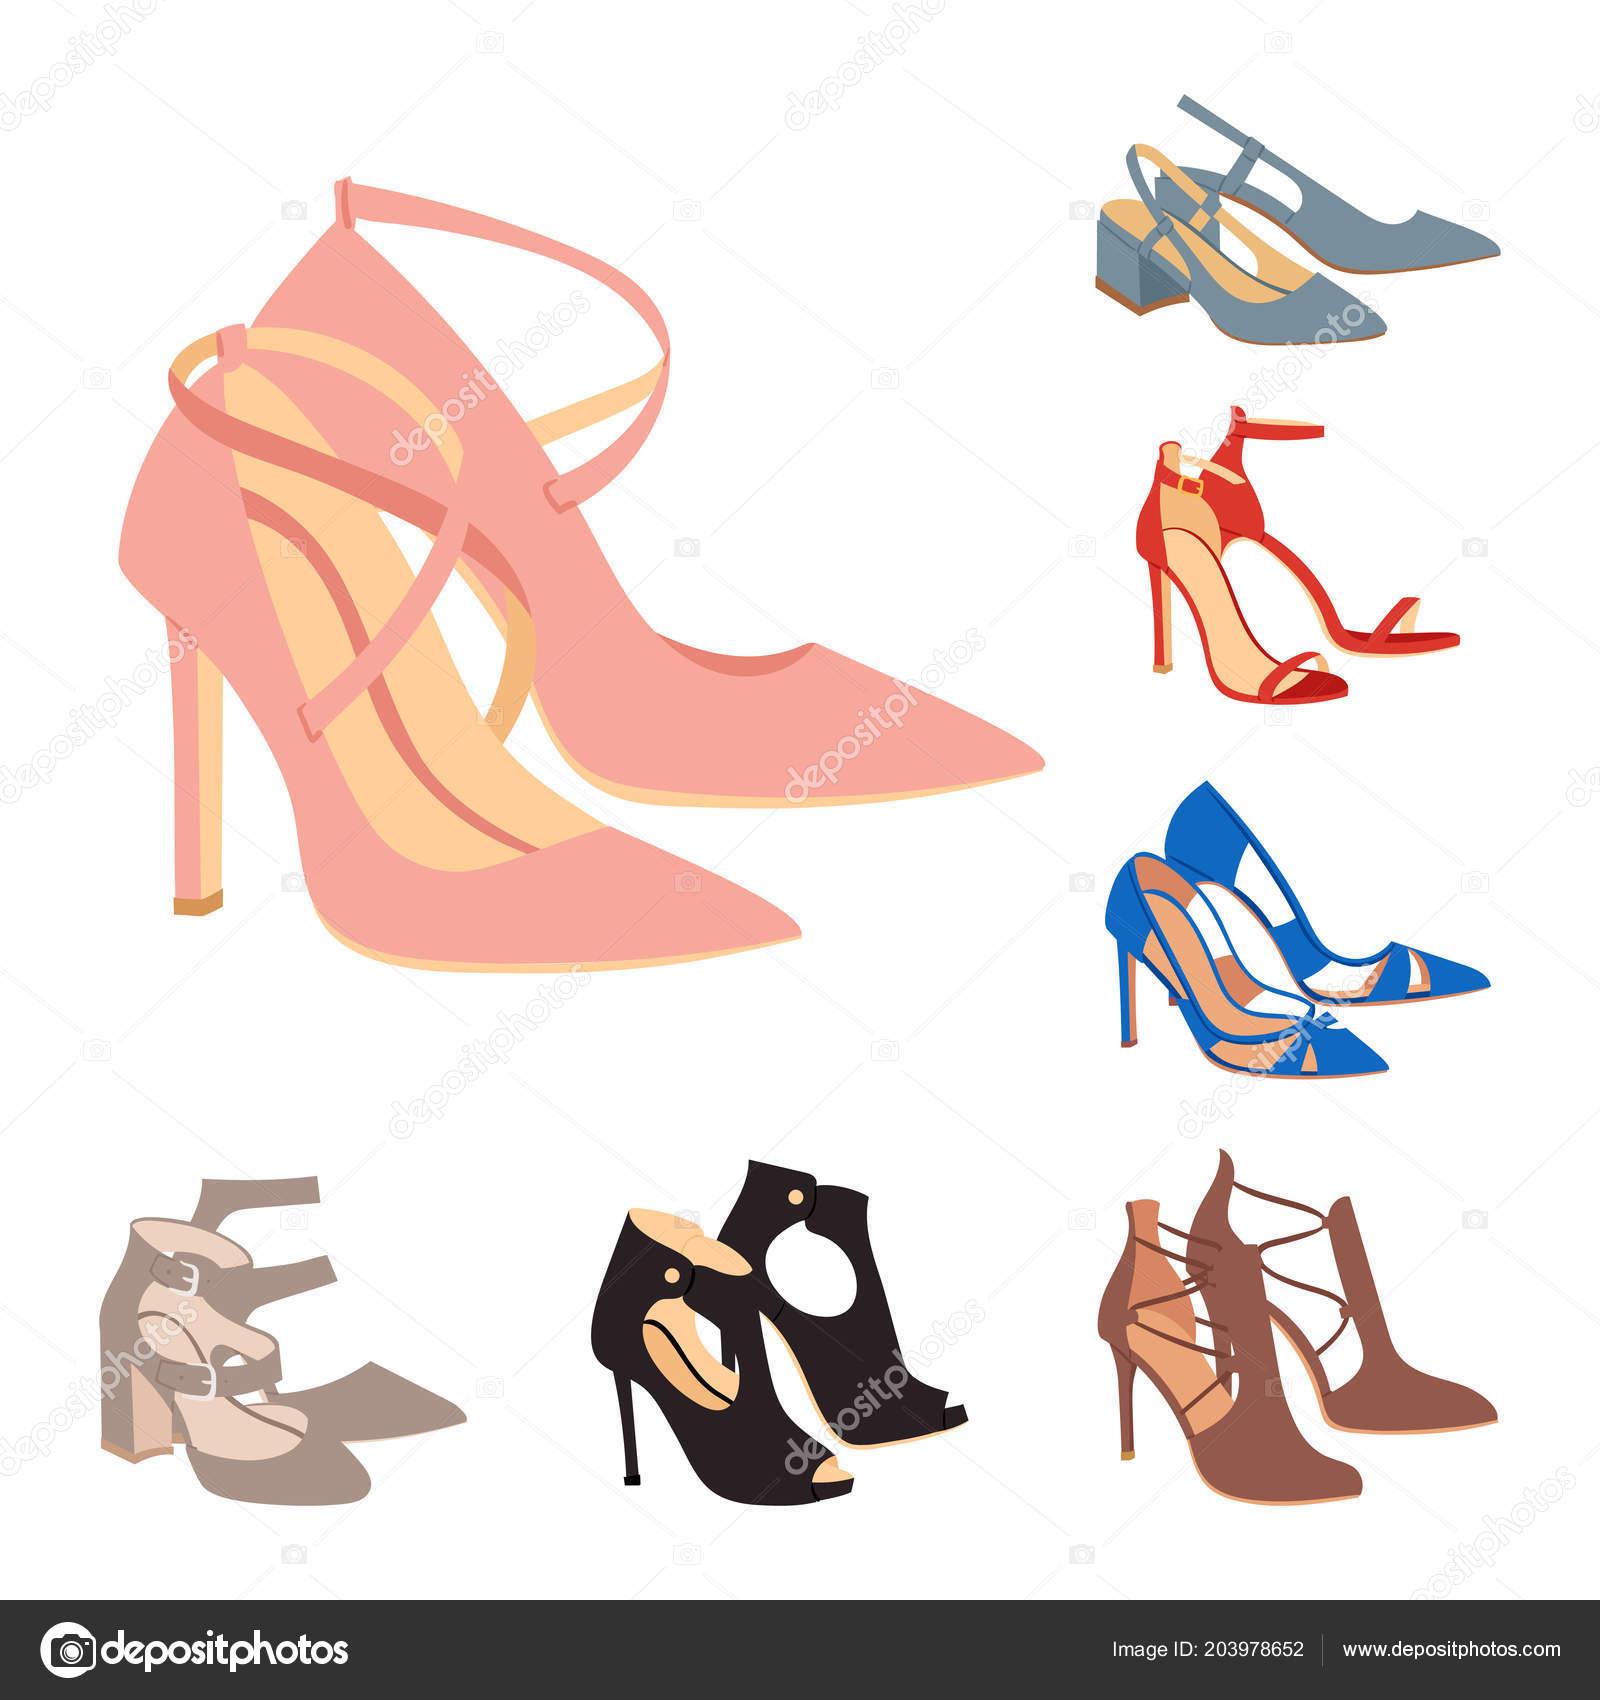 6bbd96e3fe98a Damskie buty Płaska konstrukcja wektor obuwie buty sklep ad Moda Buty  kolekcja ręcznie rysowane stylu skóry kolorowe mokasyny ilustracja zużycie–  ilustracja ...